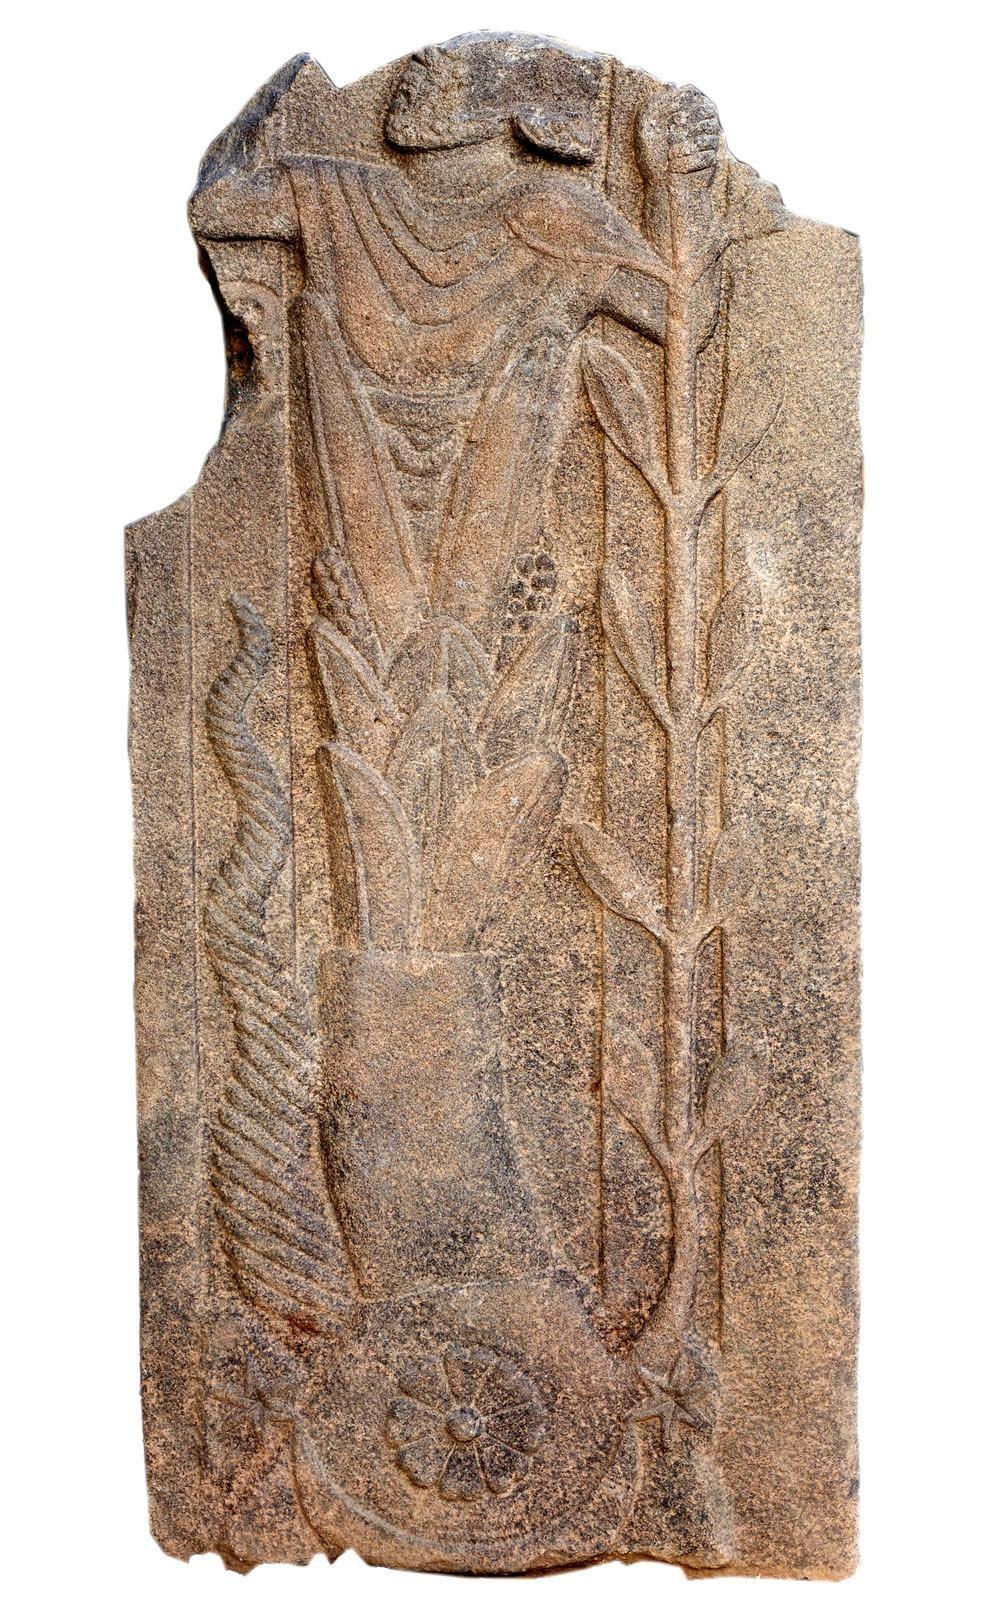 Барельеф с изображением антропоморфного существа найденный археологами на месте раскопок бывшего Римского храма близ города Газиантеп, Турция.